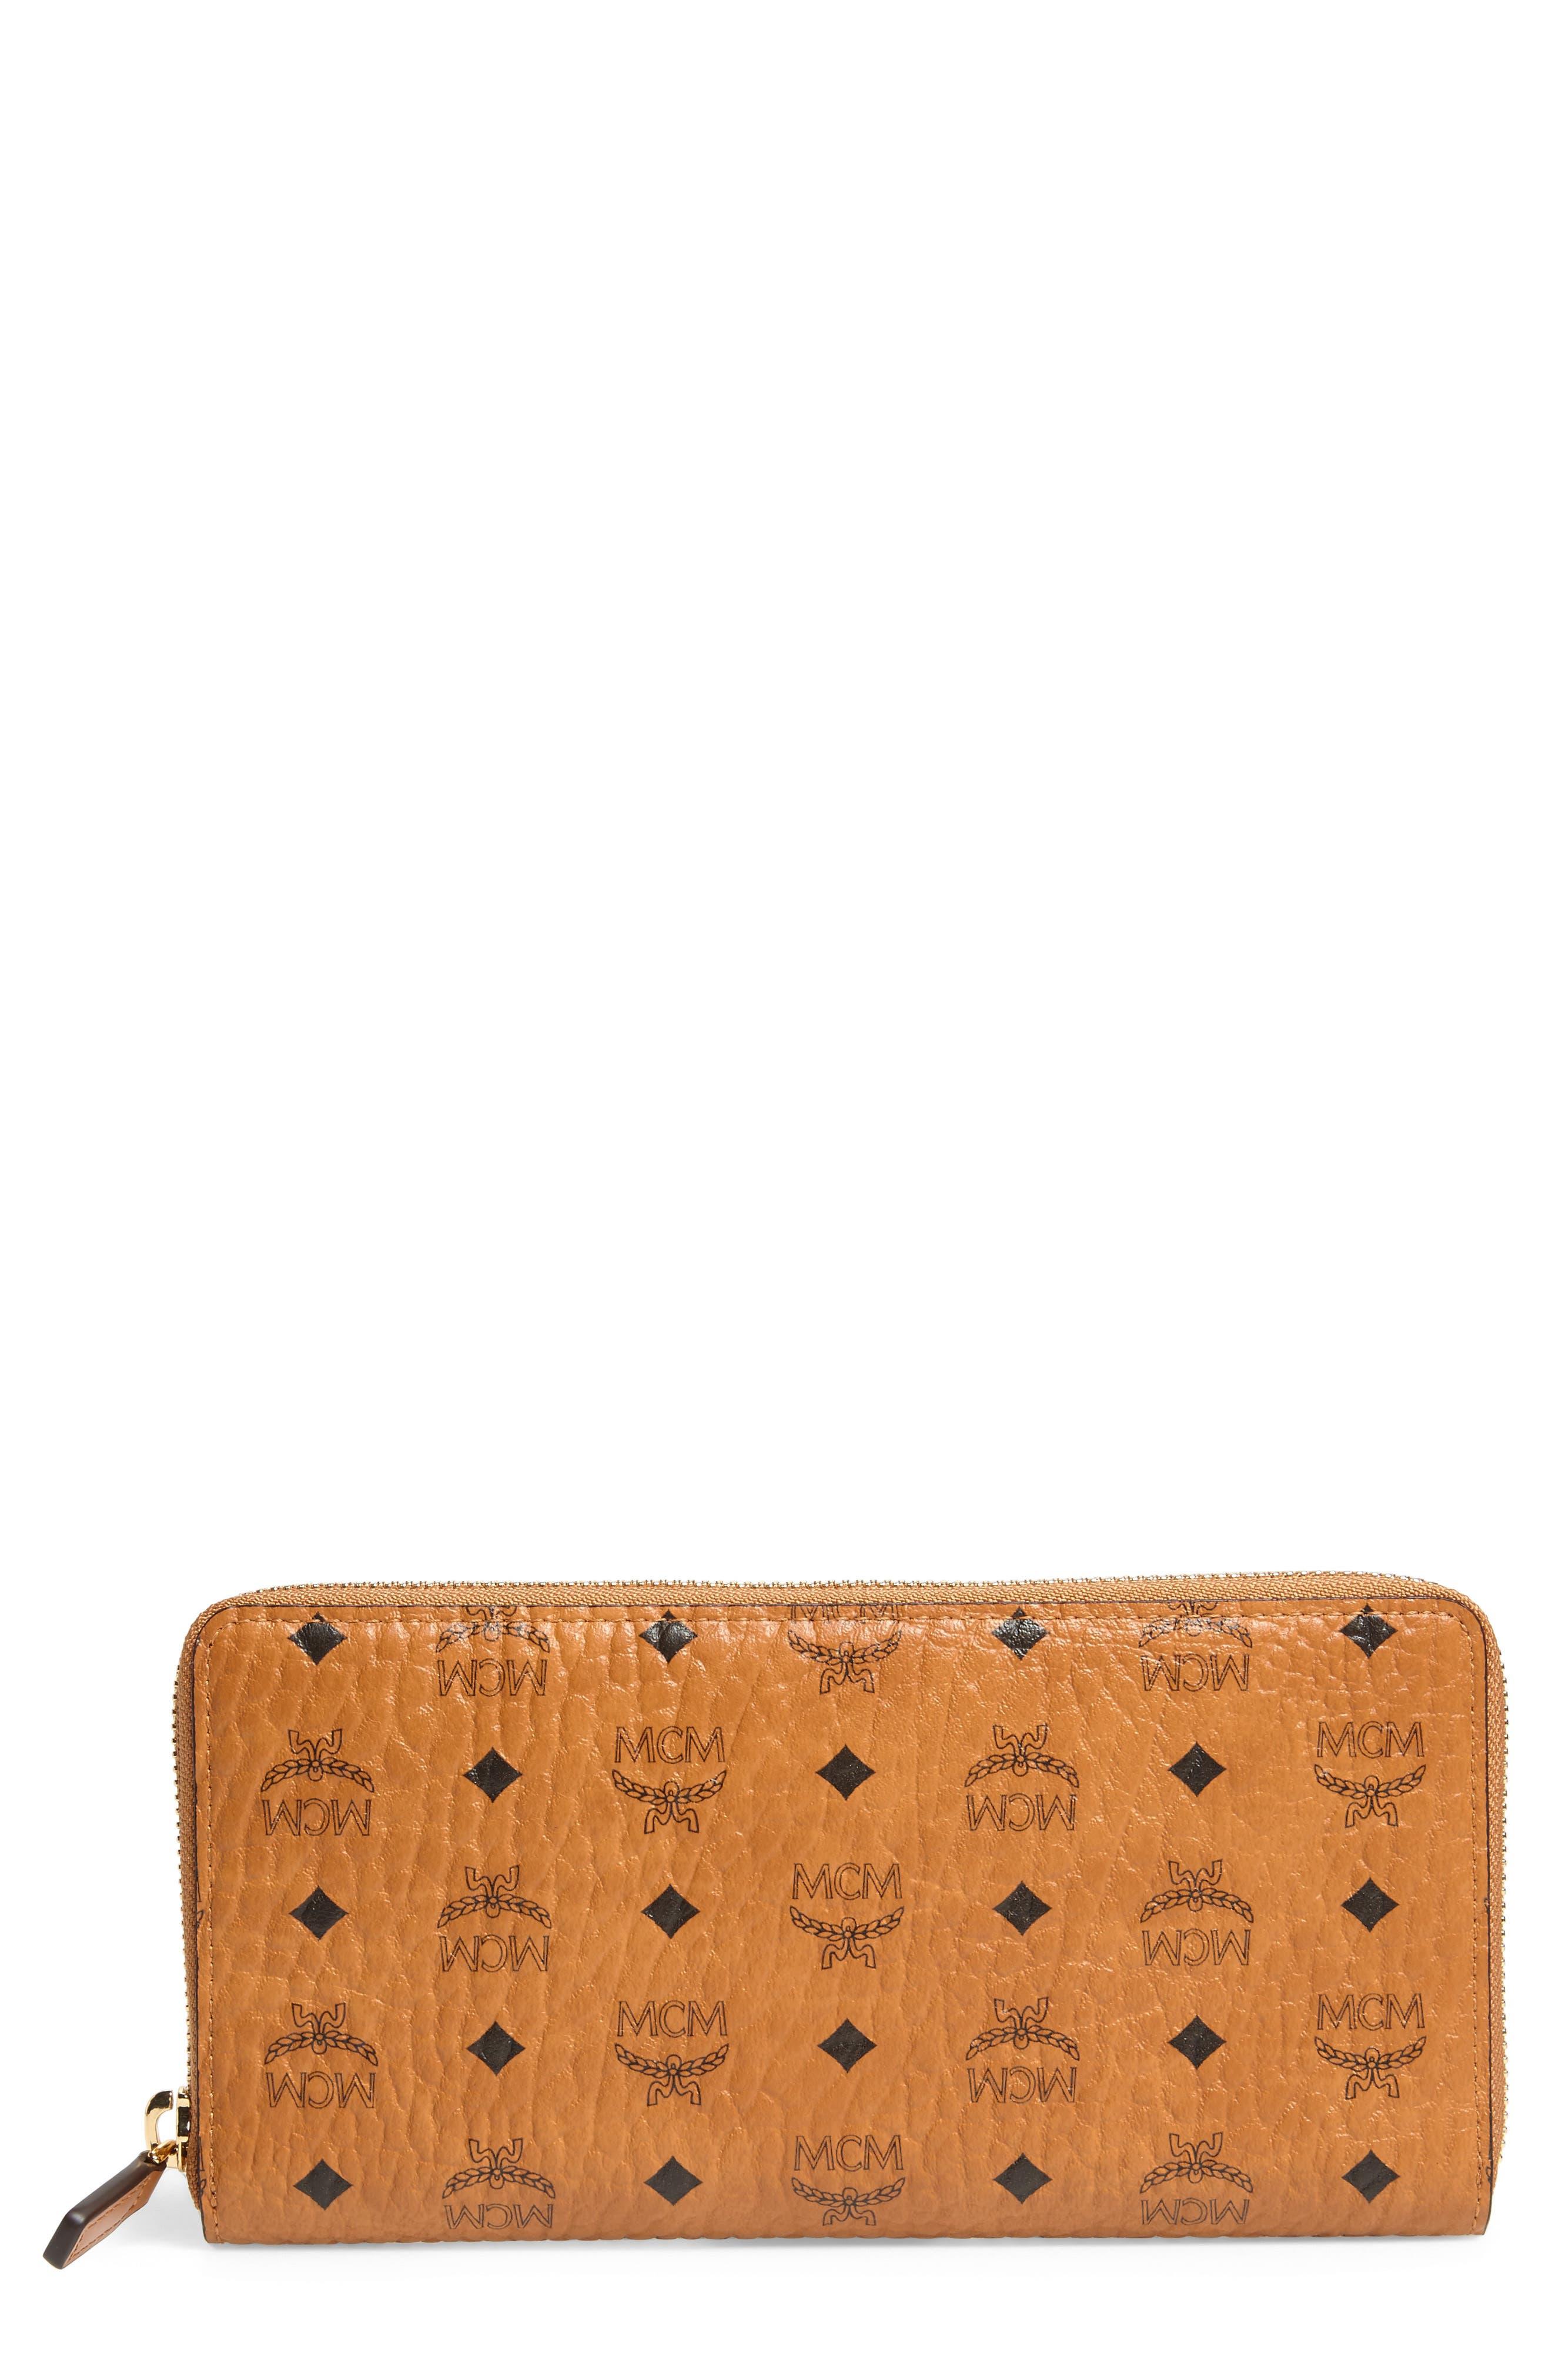 Visetos Original Zip Around Coated Canvas Wallet,                         Main,                         color, Cognac